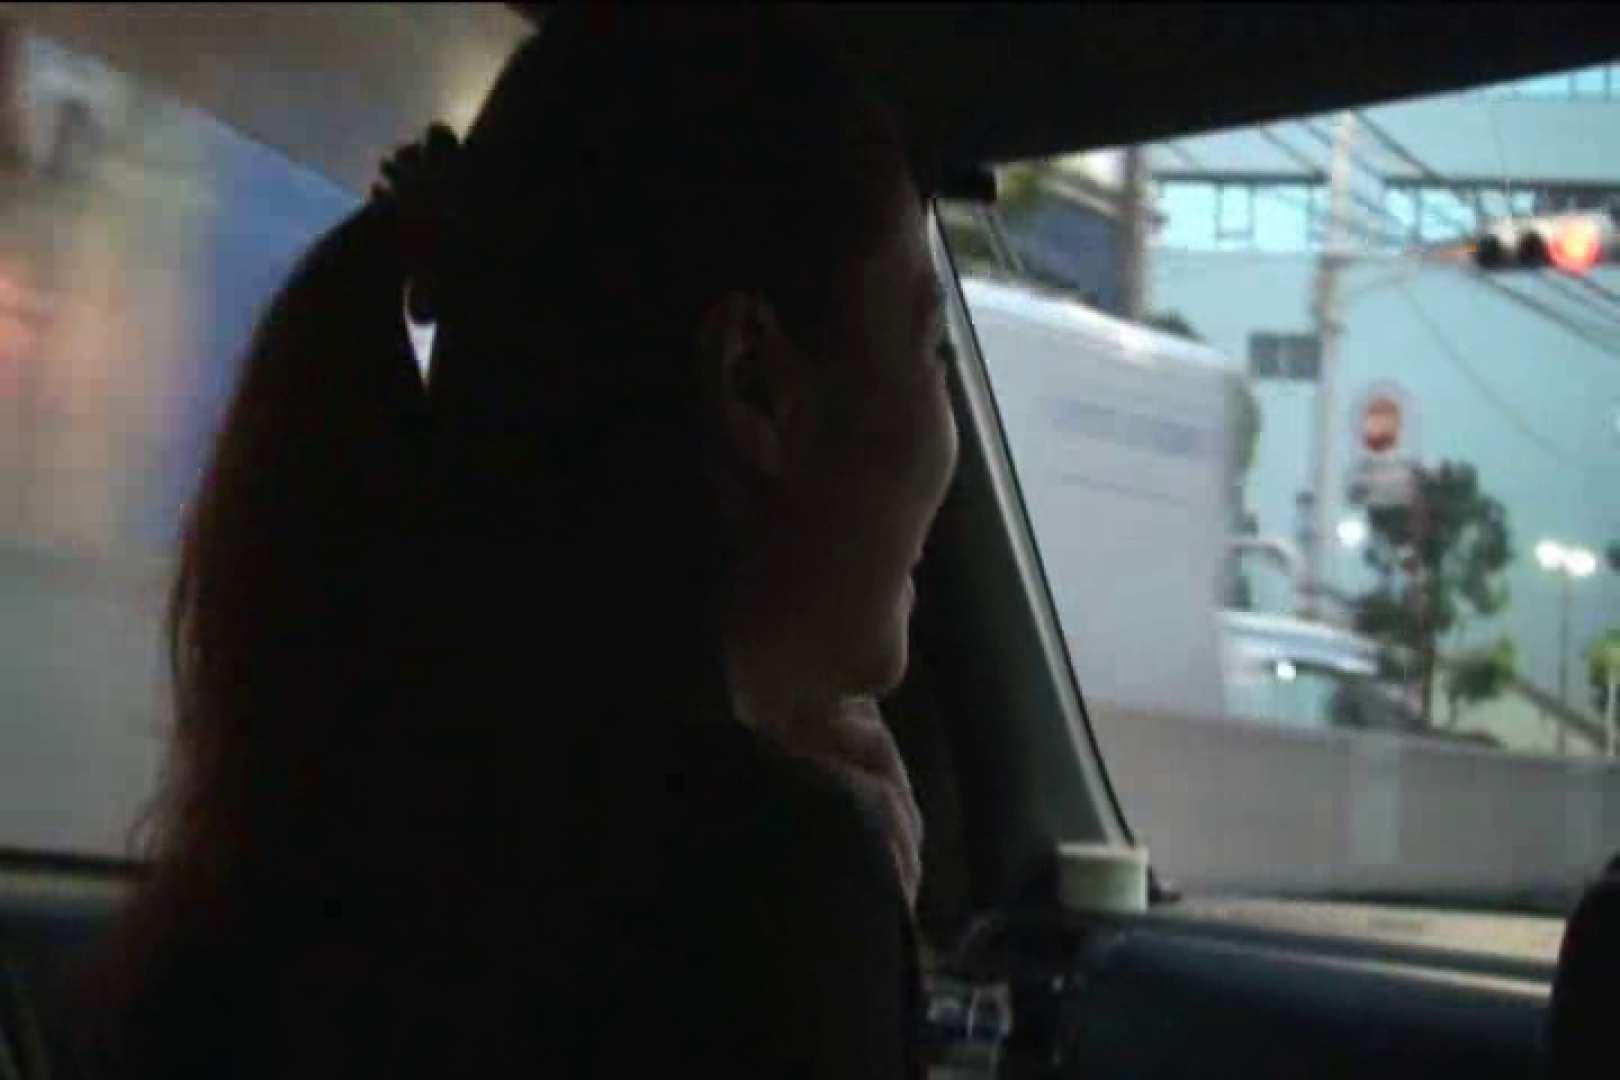 車内で初めまして! vol01 盗撮シリーズ オメコ無修正動画無料 102PIX 32